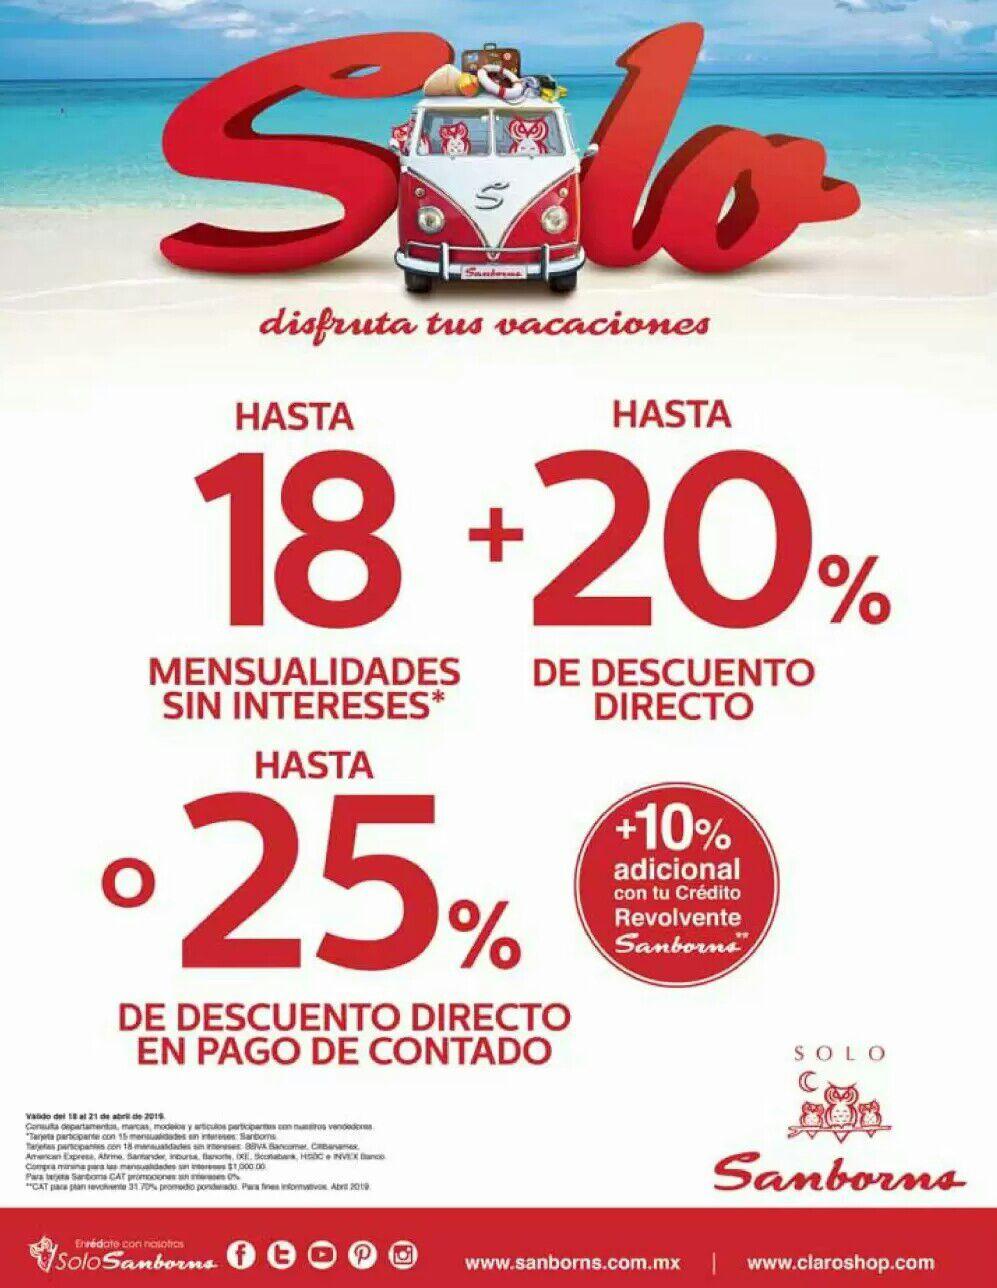 Sanborns: Hasta 18 MSI + Hasta 20% desc. directo..  Ó... Hasta 25% desc. directo + 10% adic. con crédito revolvente